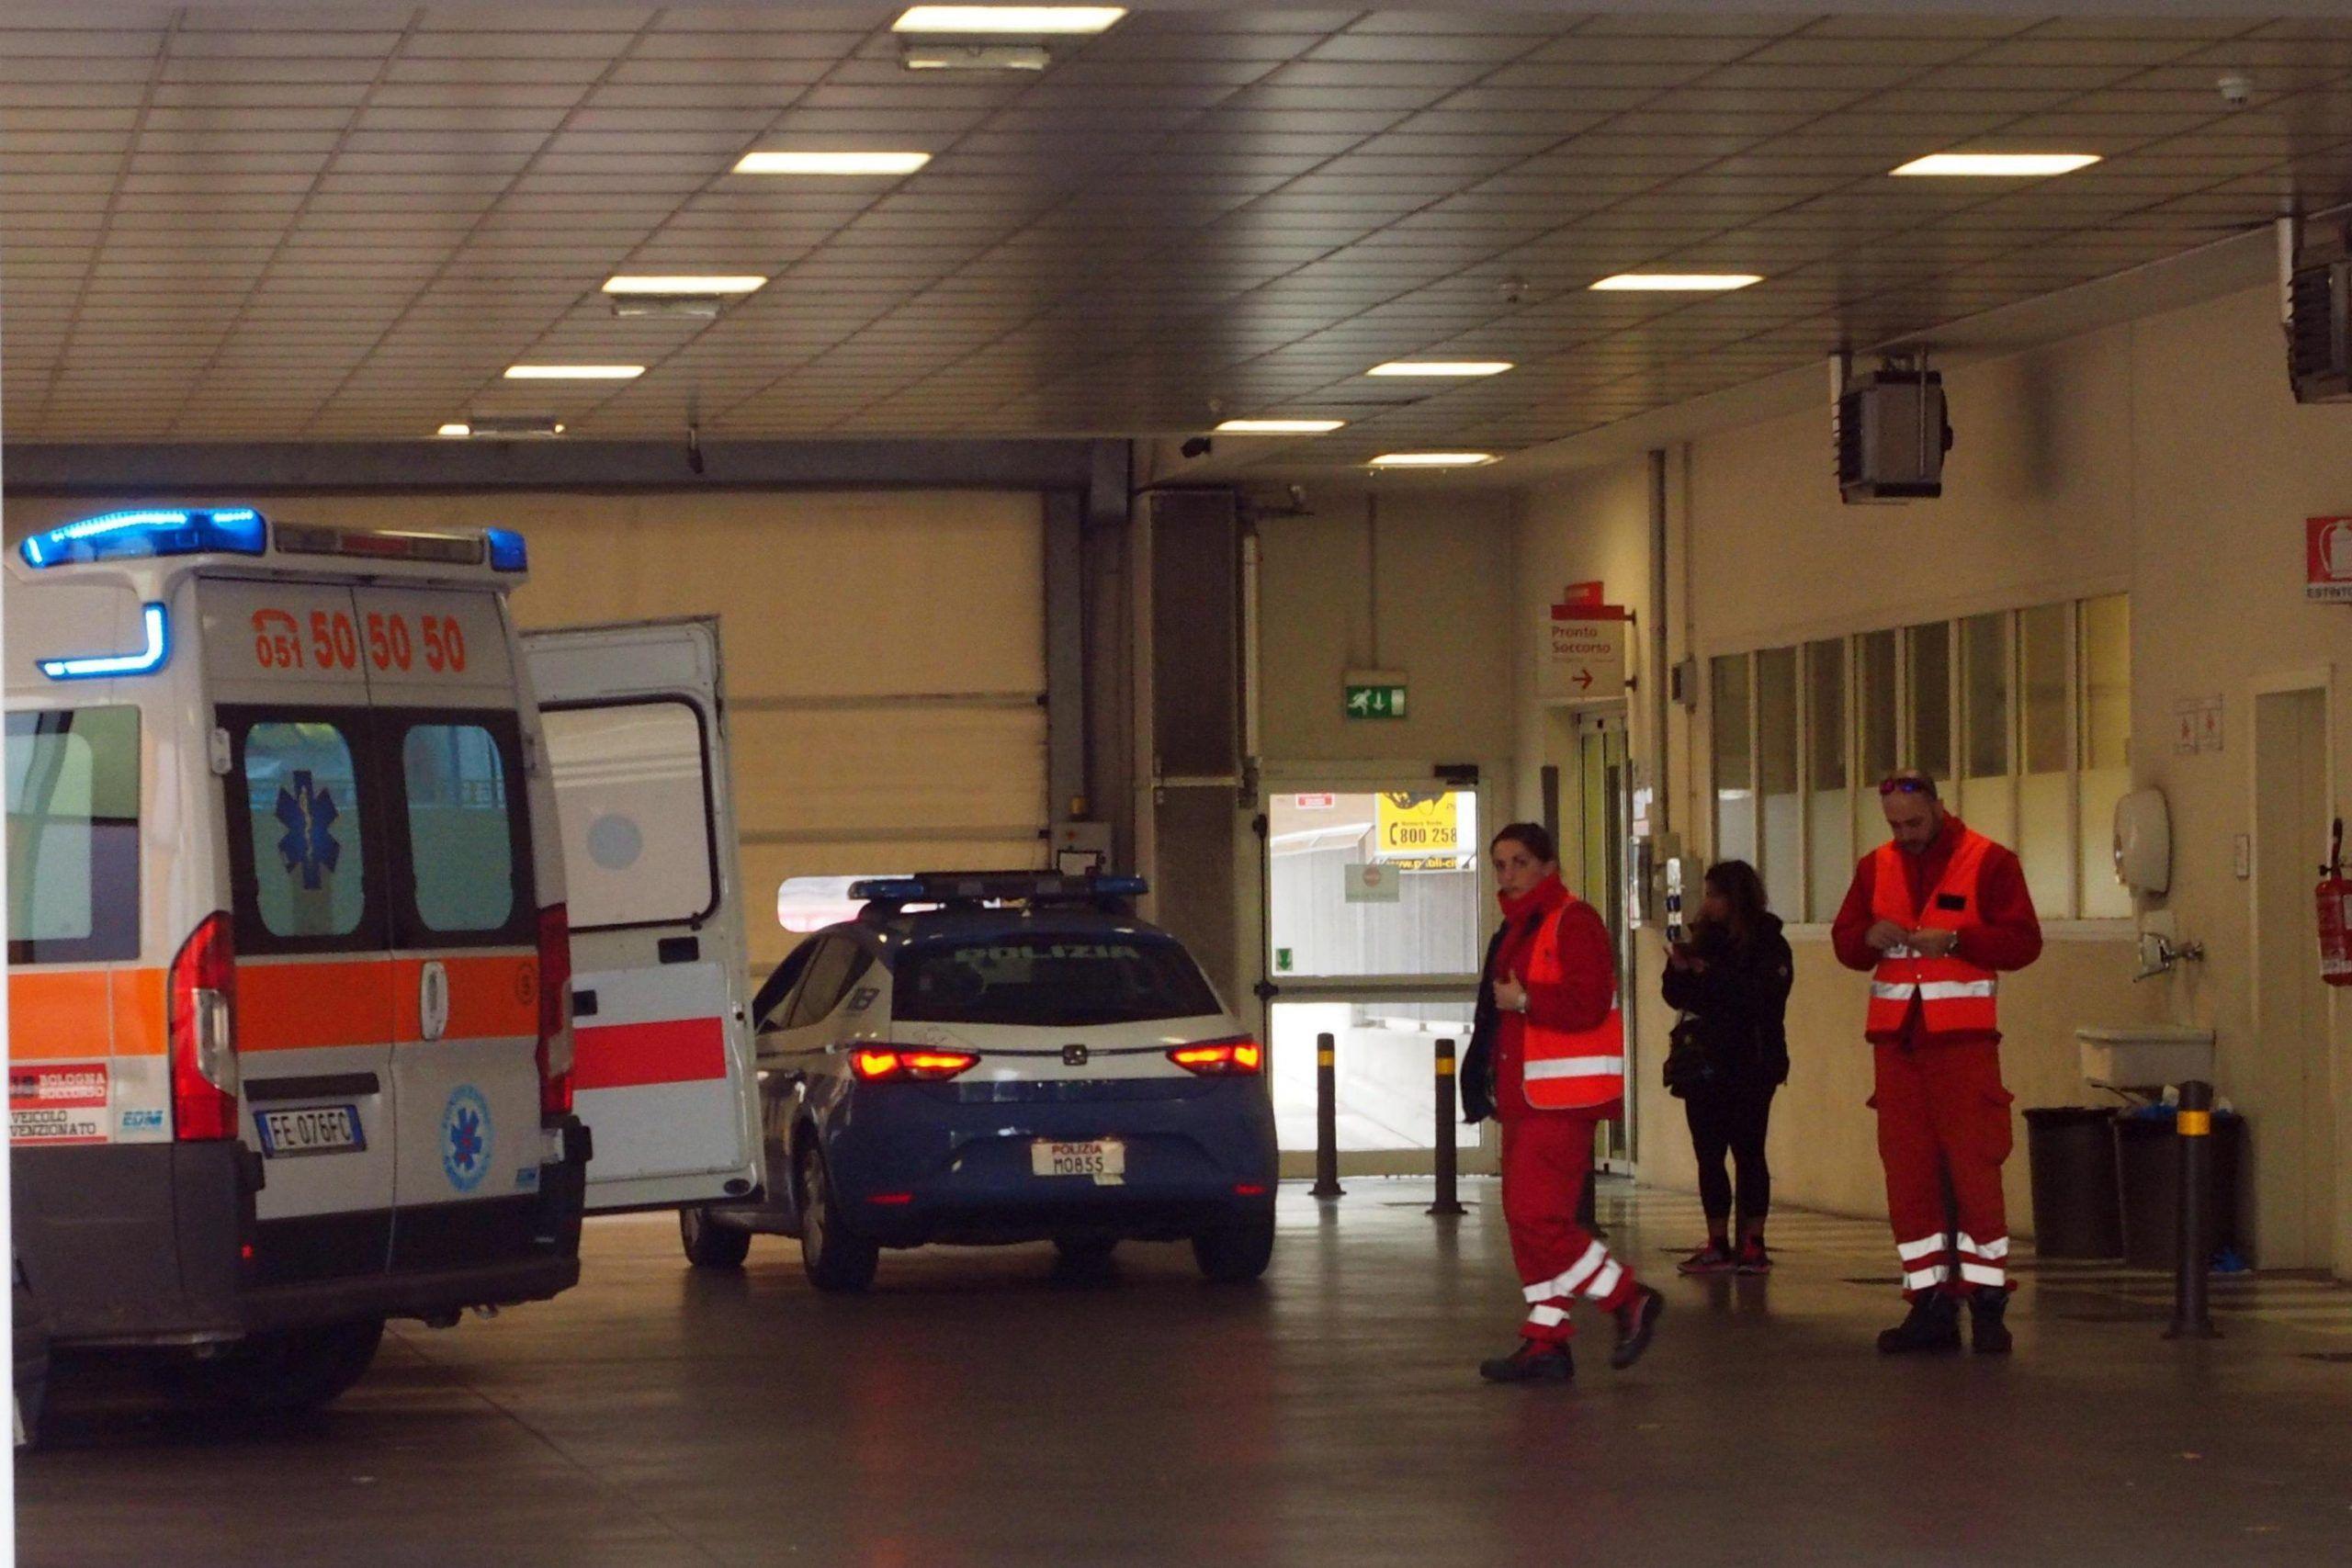 Barista picchiata da tre donne magrebine 'A Sassuolo non si vive più'